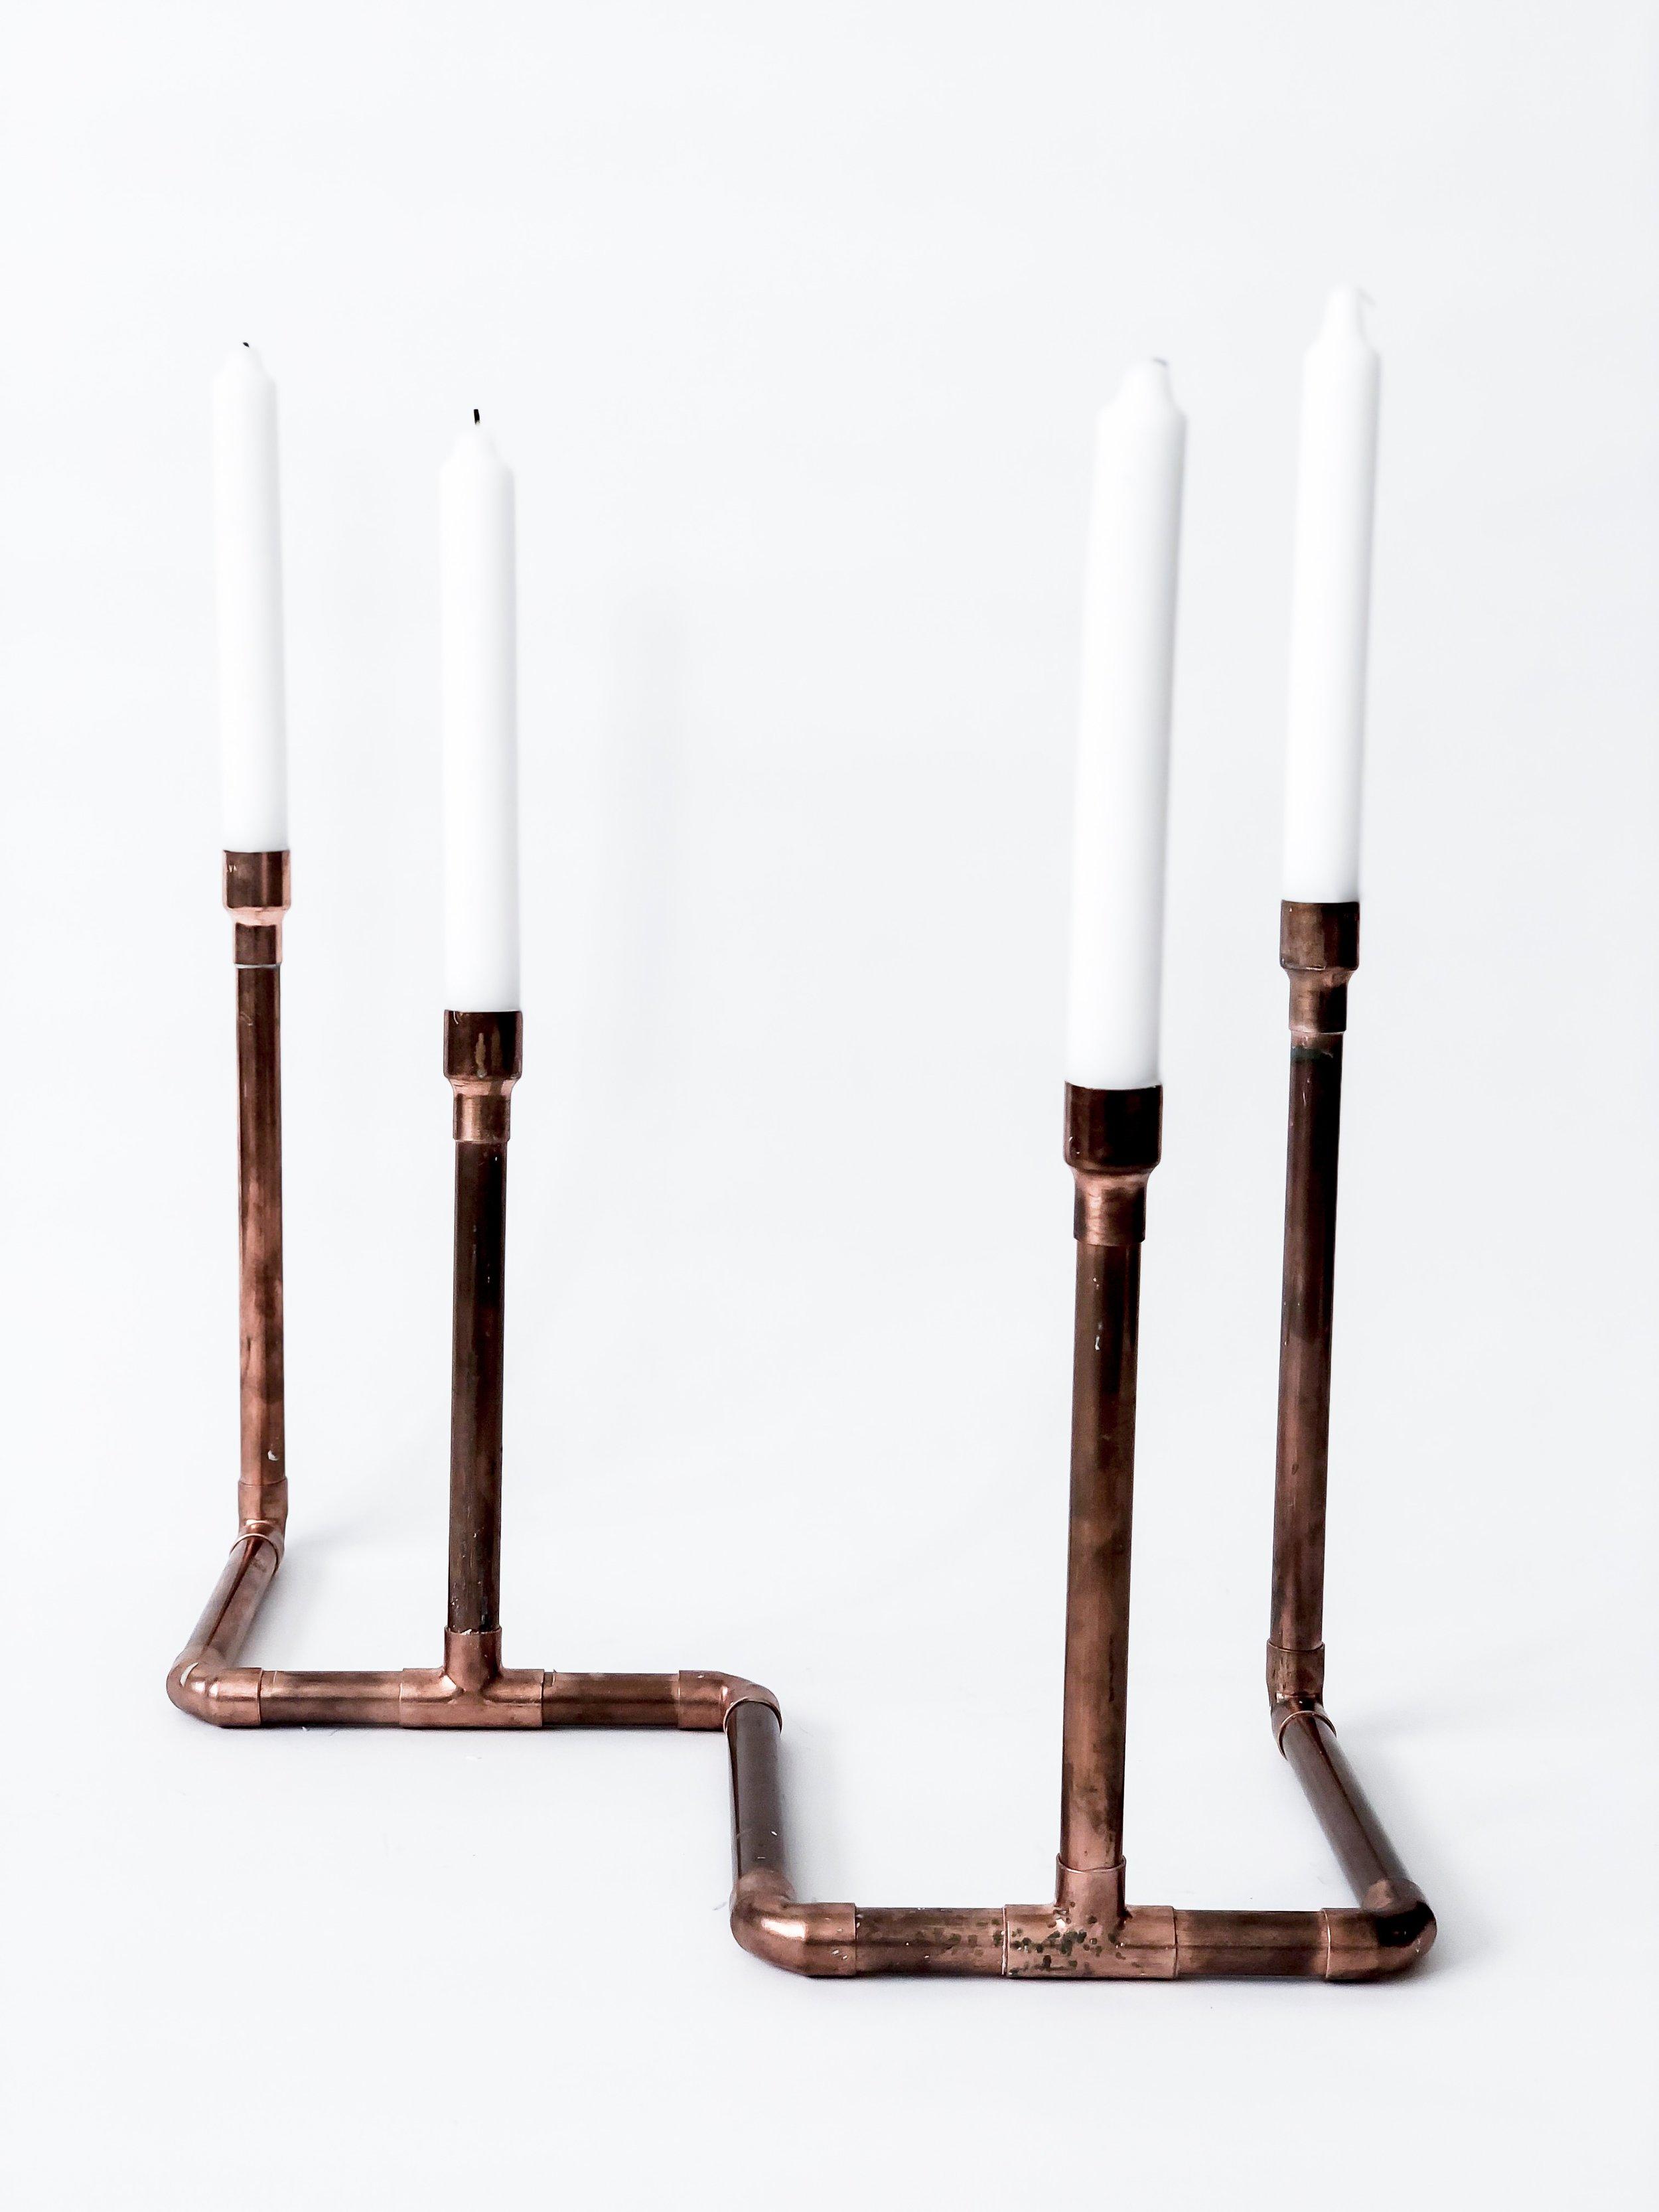 Copper Candlestick Holder / #005 / $14